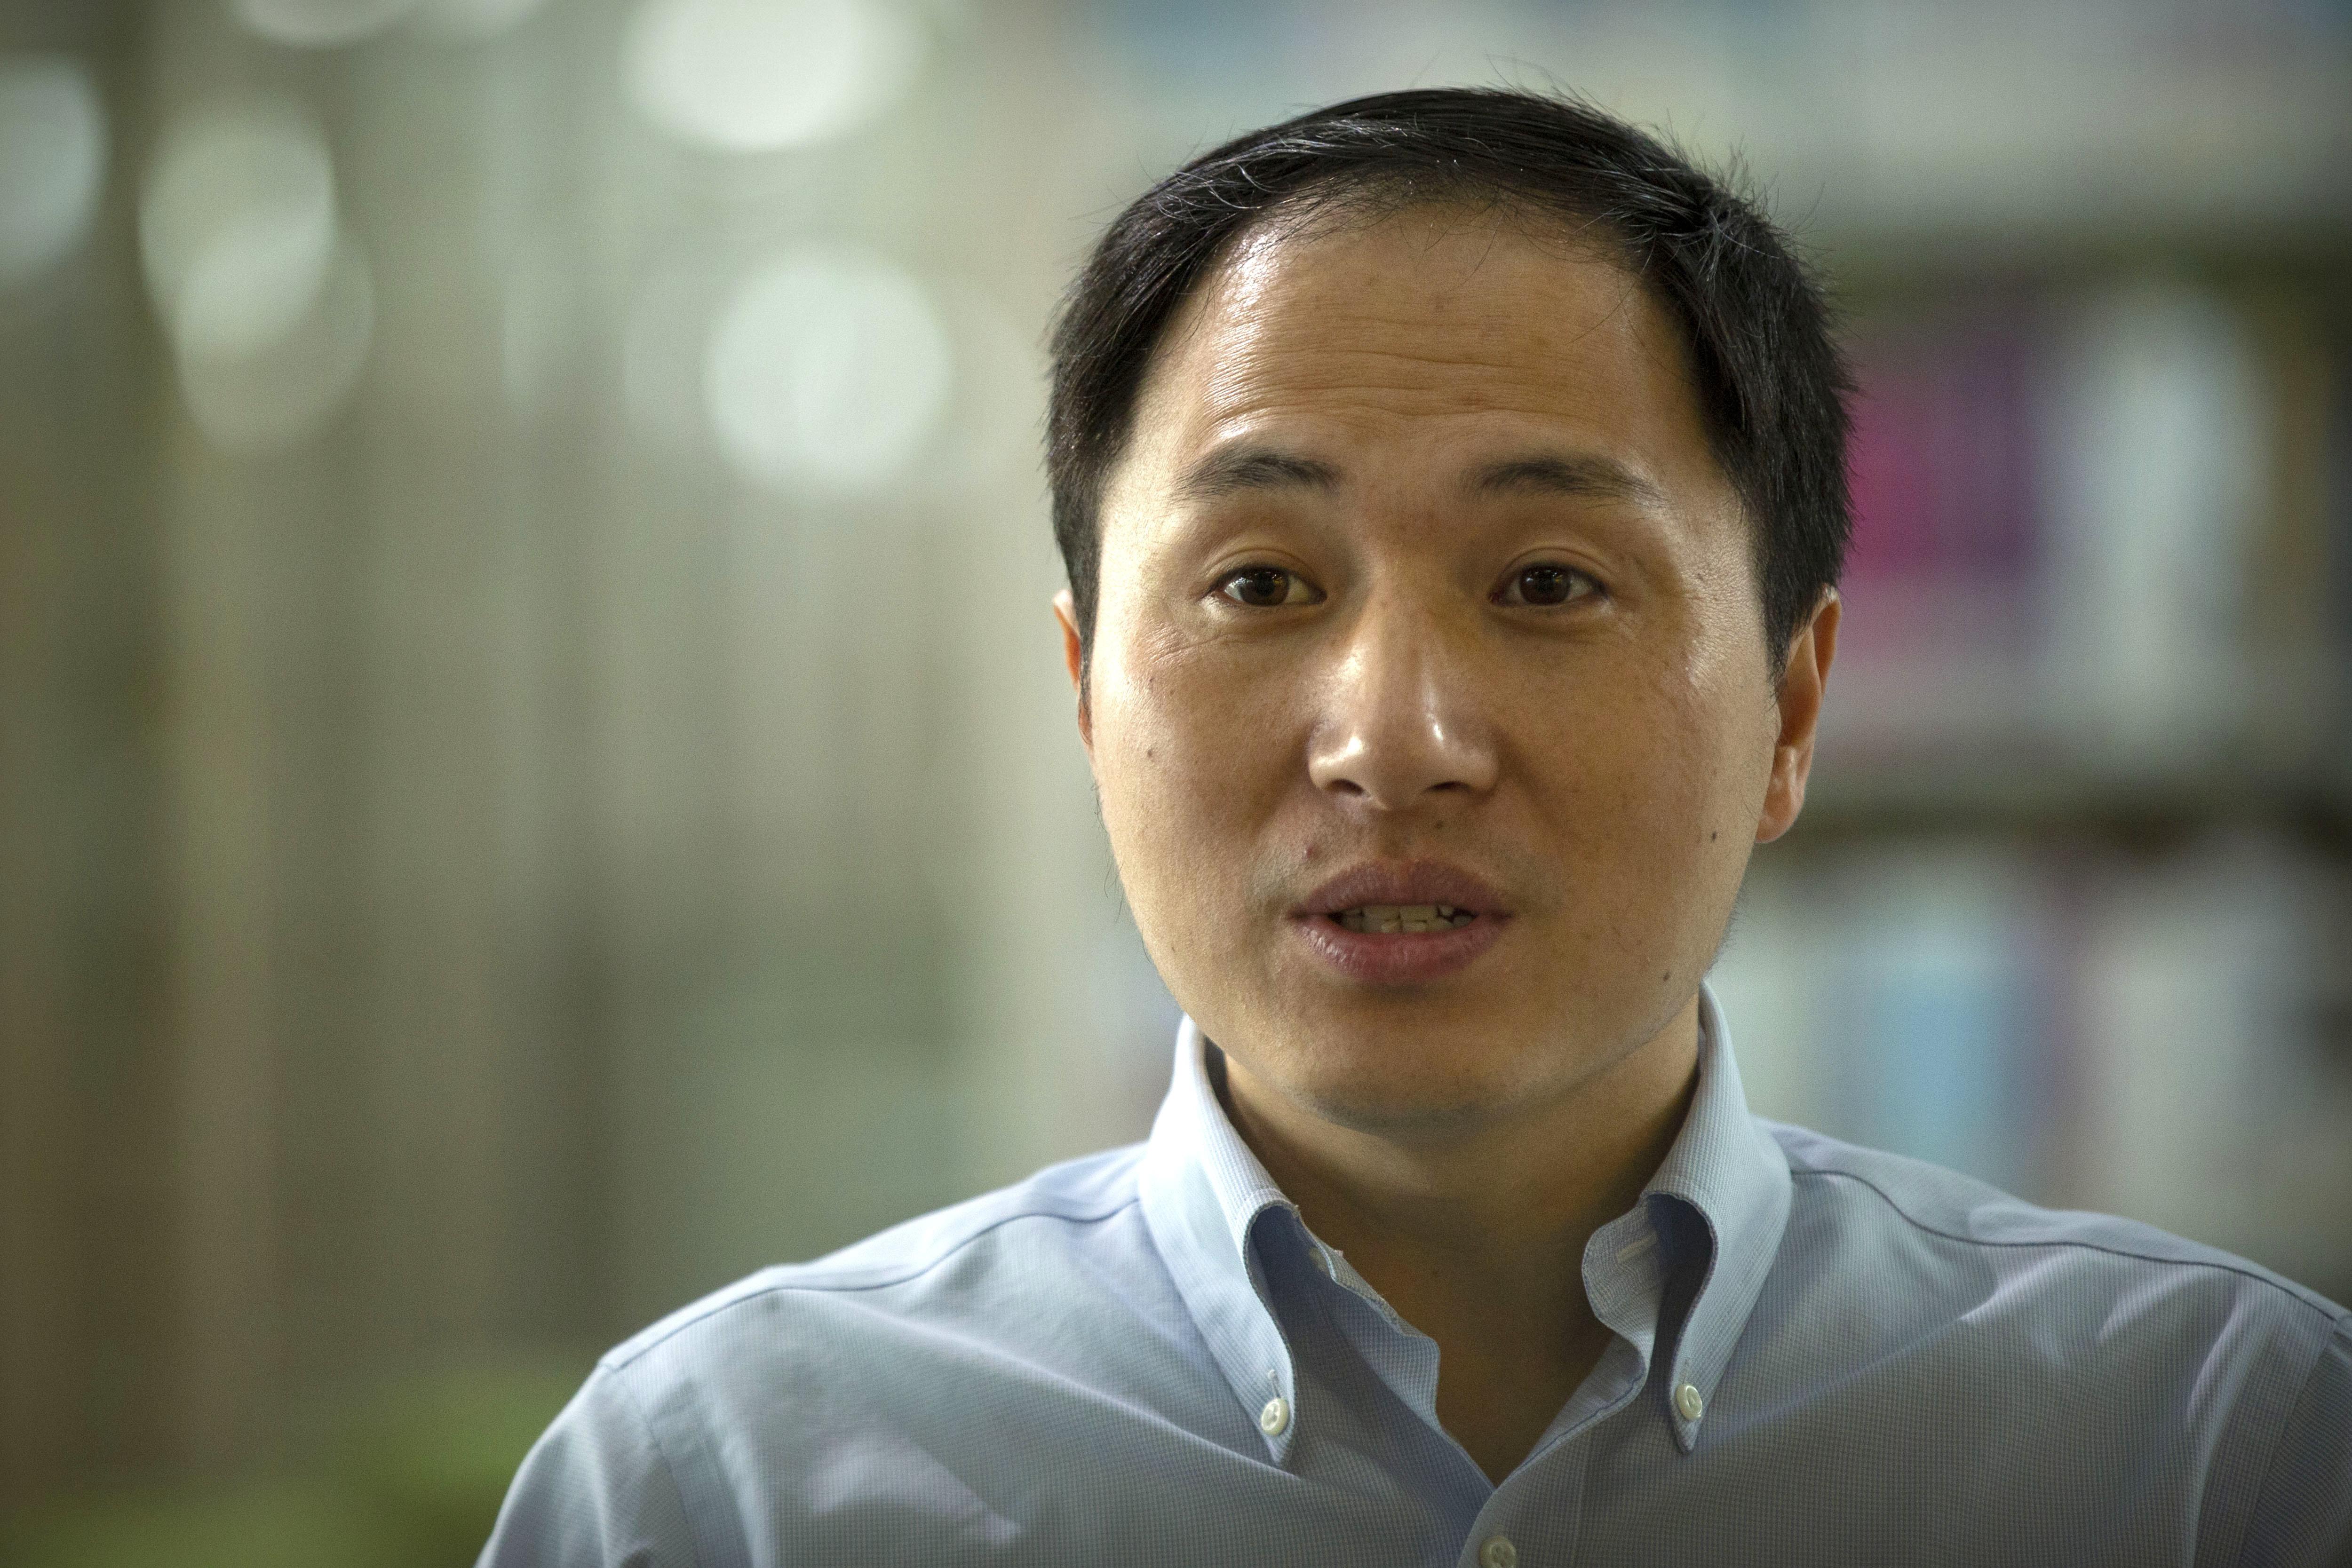 지난해 대중과 과학계를 경악케 한 '유전자 편집 아기'의 존재가 공식 확인됐다. 중국 정부는 관련 법에 따라 허젠쿠이(贺建奎) 중국 남방과기대 교수를 엄벌에 처할 것이라고 밝혔다.-AP 제공